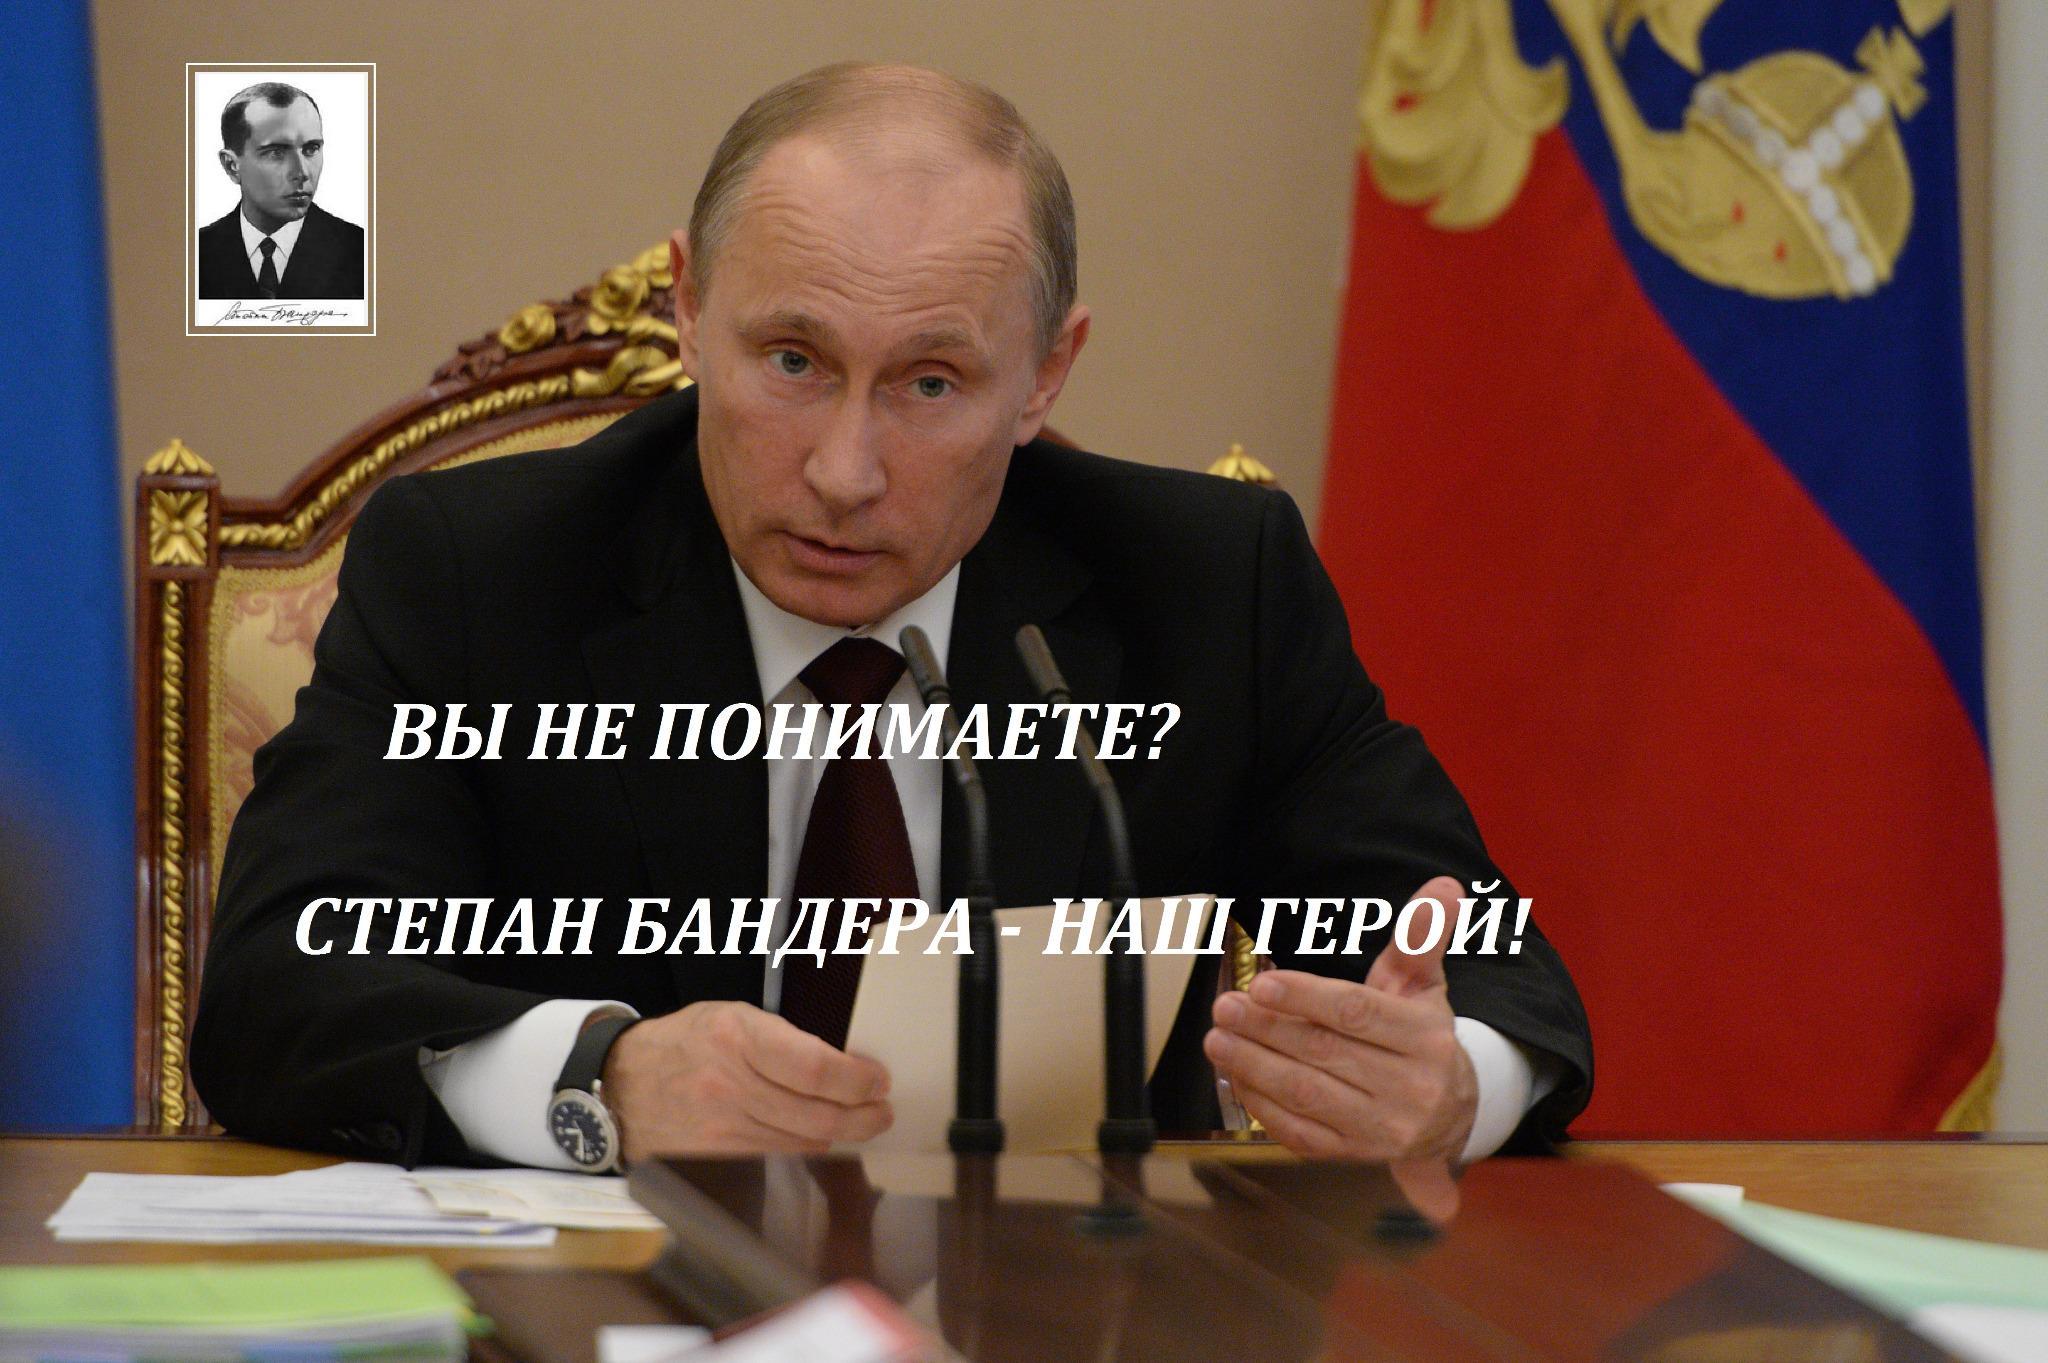 """""""Это не могло случиться с более приятным парнем"""": реакция западных СМИ на увеличение ставок в РФ и крах рубля - Цензор.НЕТ 4746"""